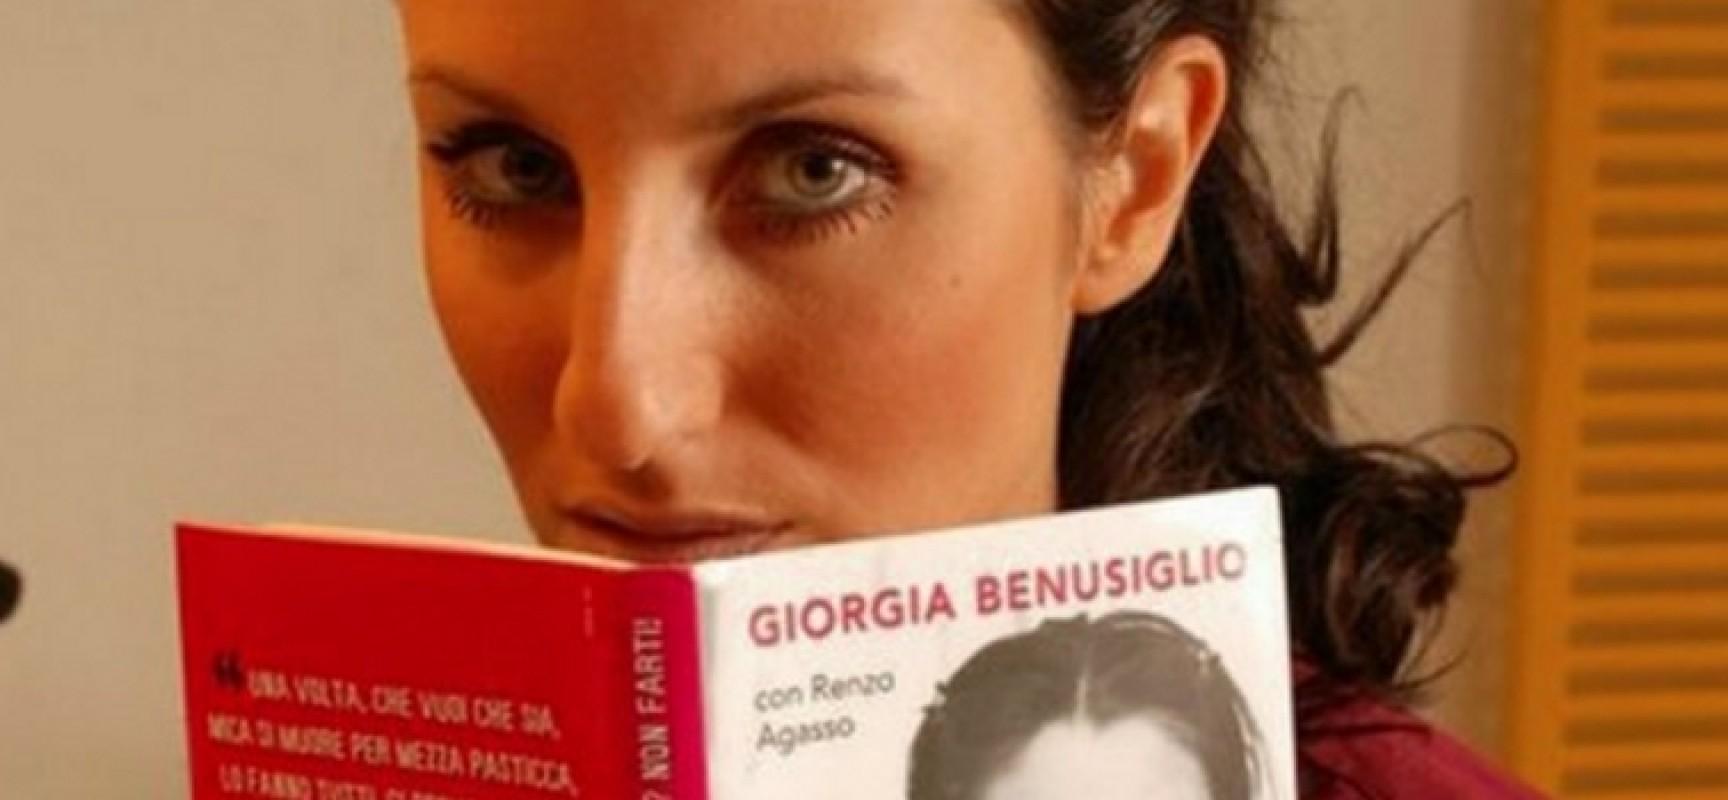 """""""Vuoi trasgredire? NON FARTI!"""", incontro con Giorgia Benusiglio organizzato dalla Fidapa"""